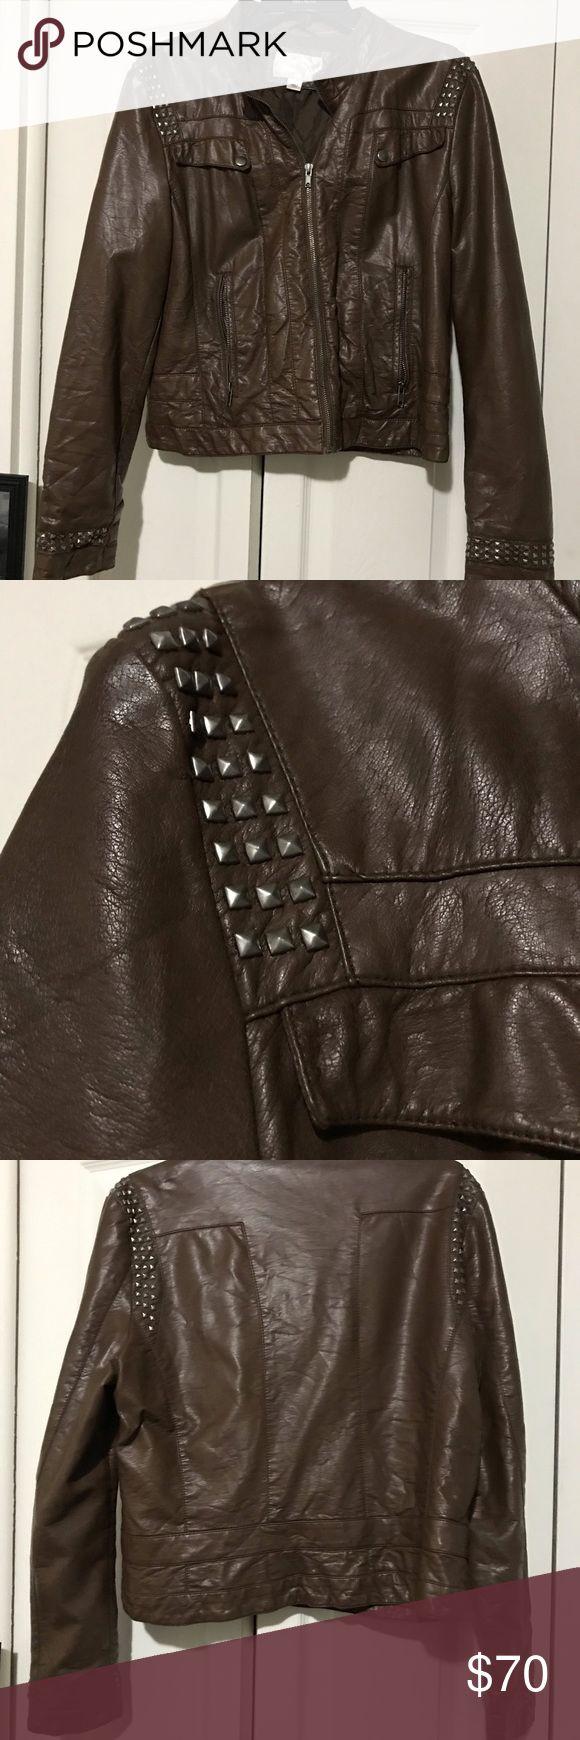 Edgy 90s Pleather Jacket Pleather jacket, Fashion